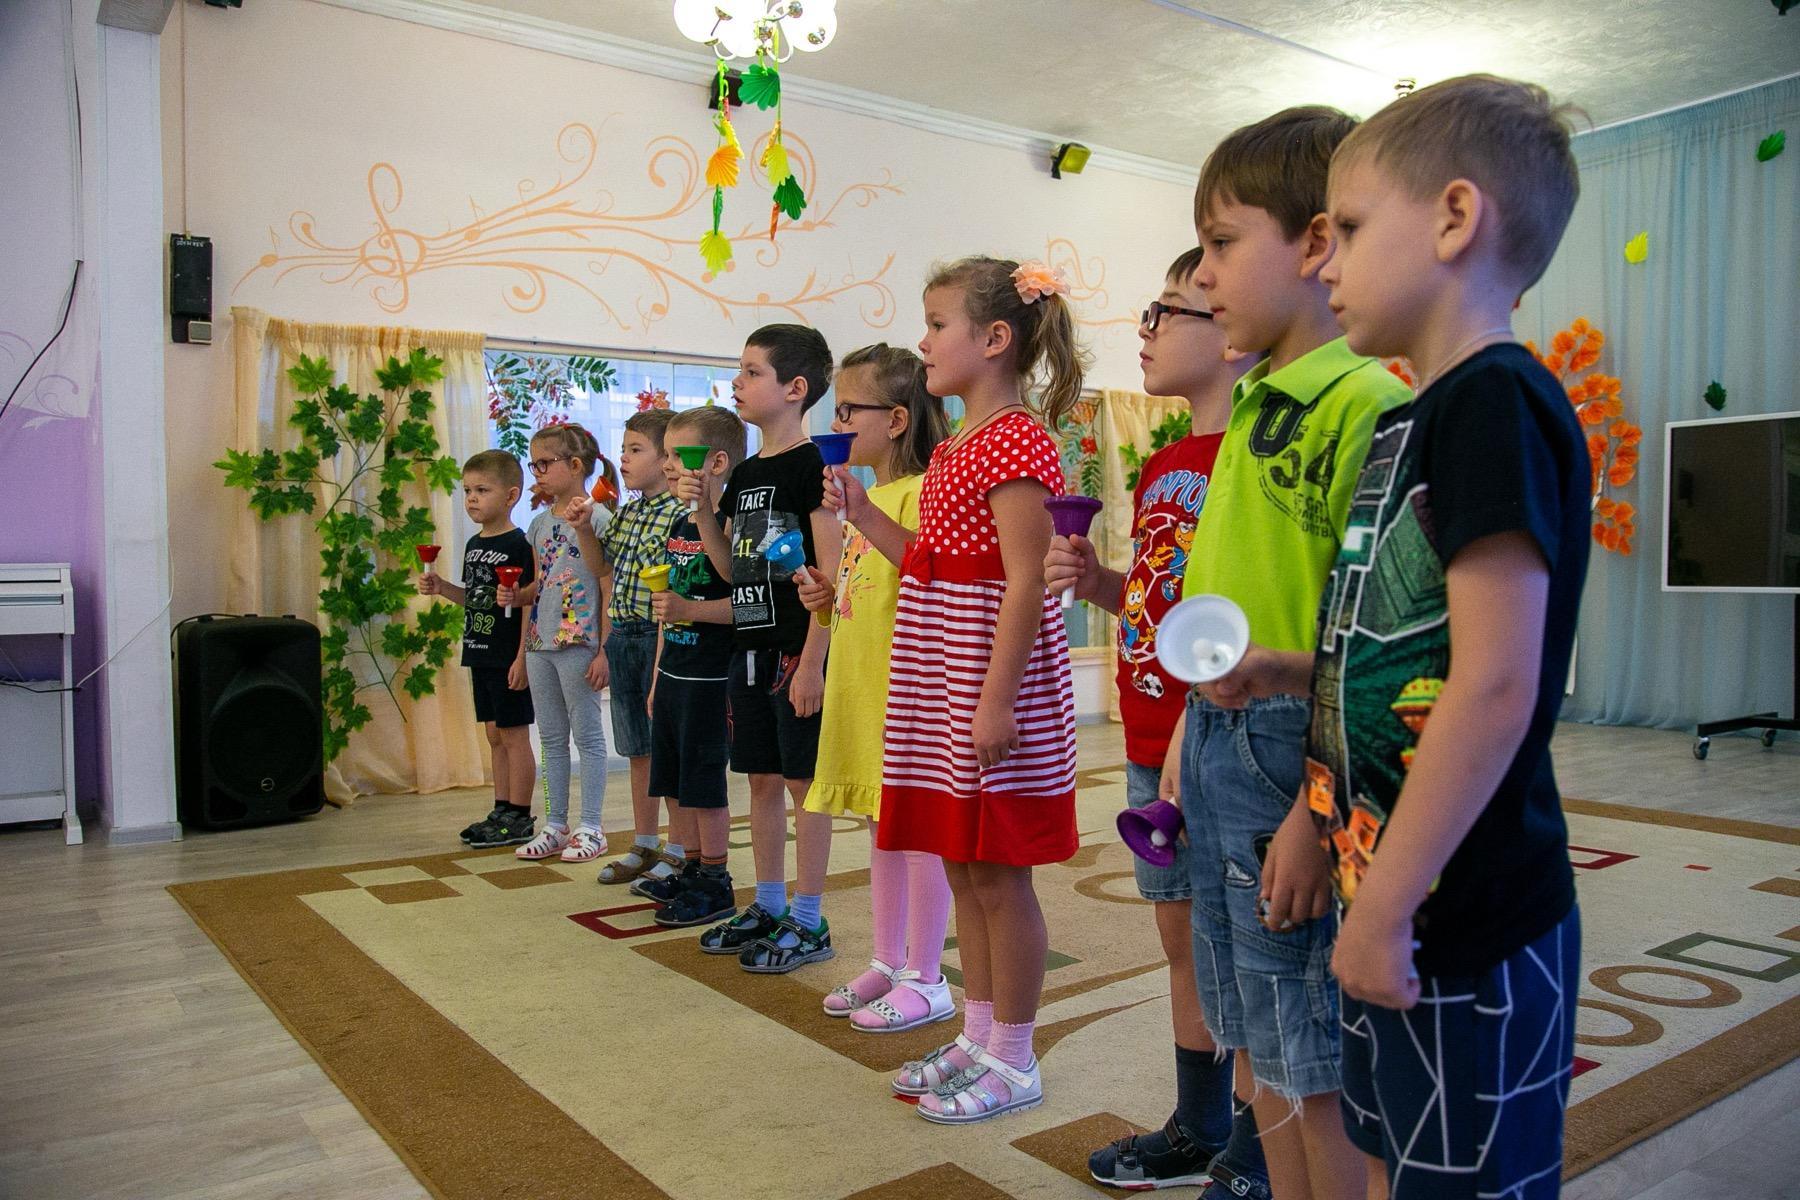 1605339227 ea6q0852 - Коломенский детский сад признан одним из лучших в России по инклюзивному образованию